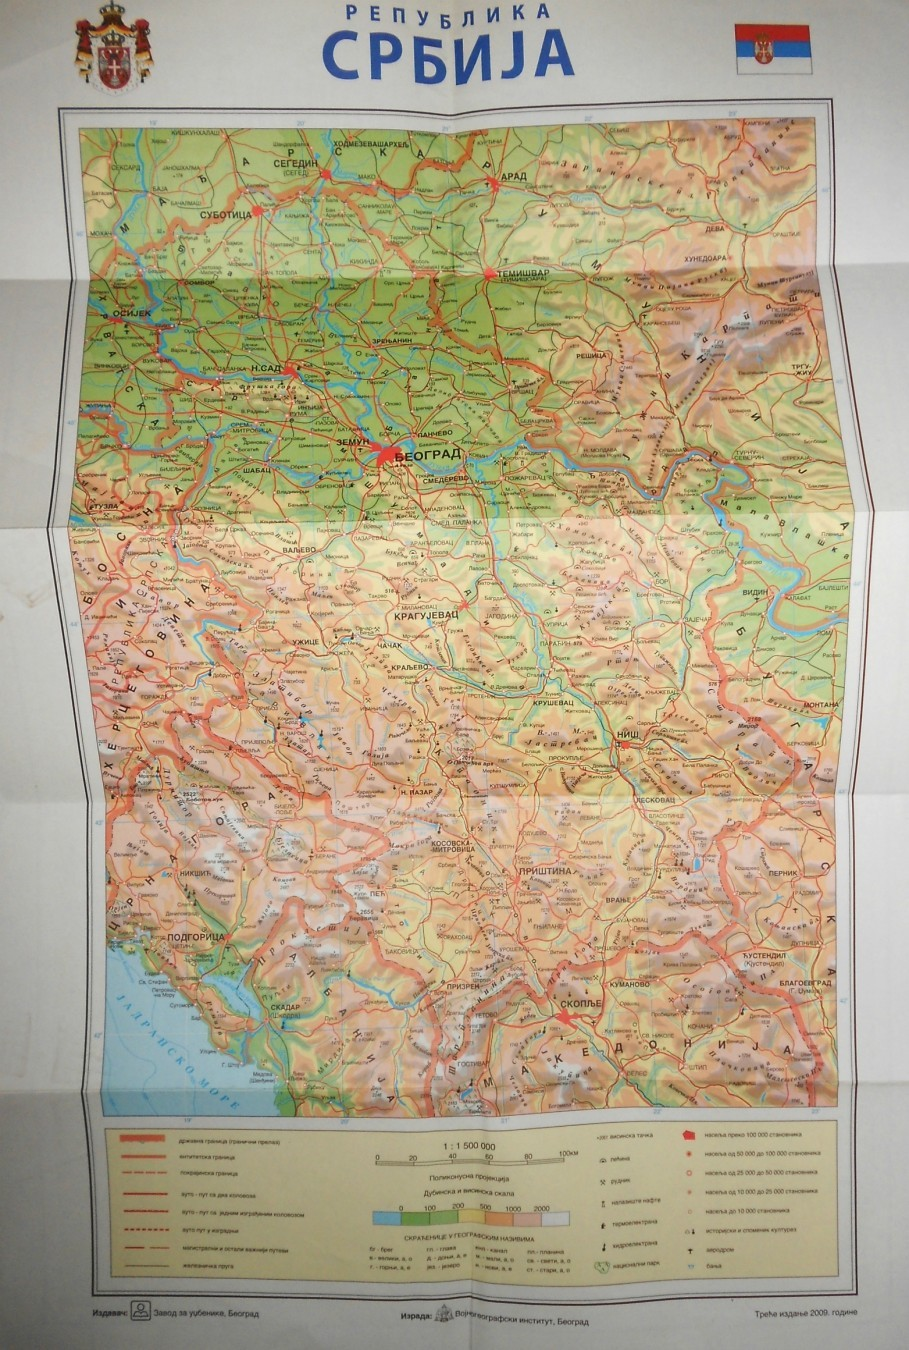 Republika Srbija - Fizičko geografska karta 1:1500000